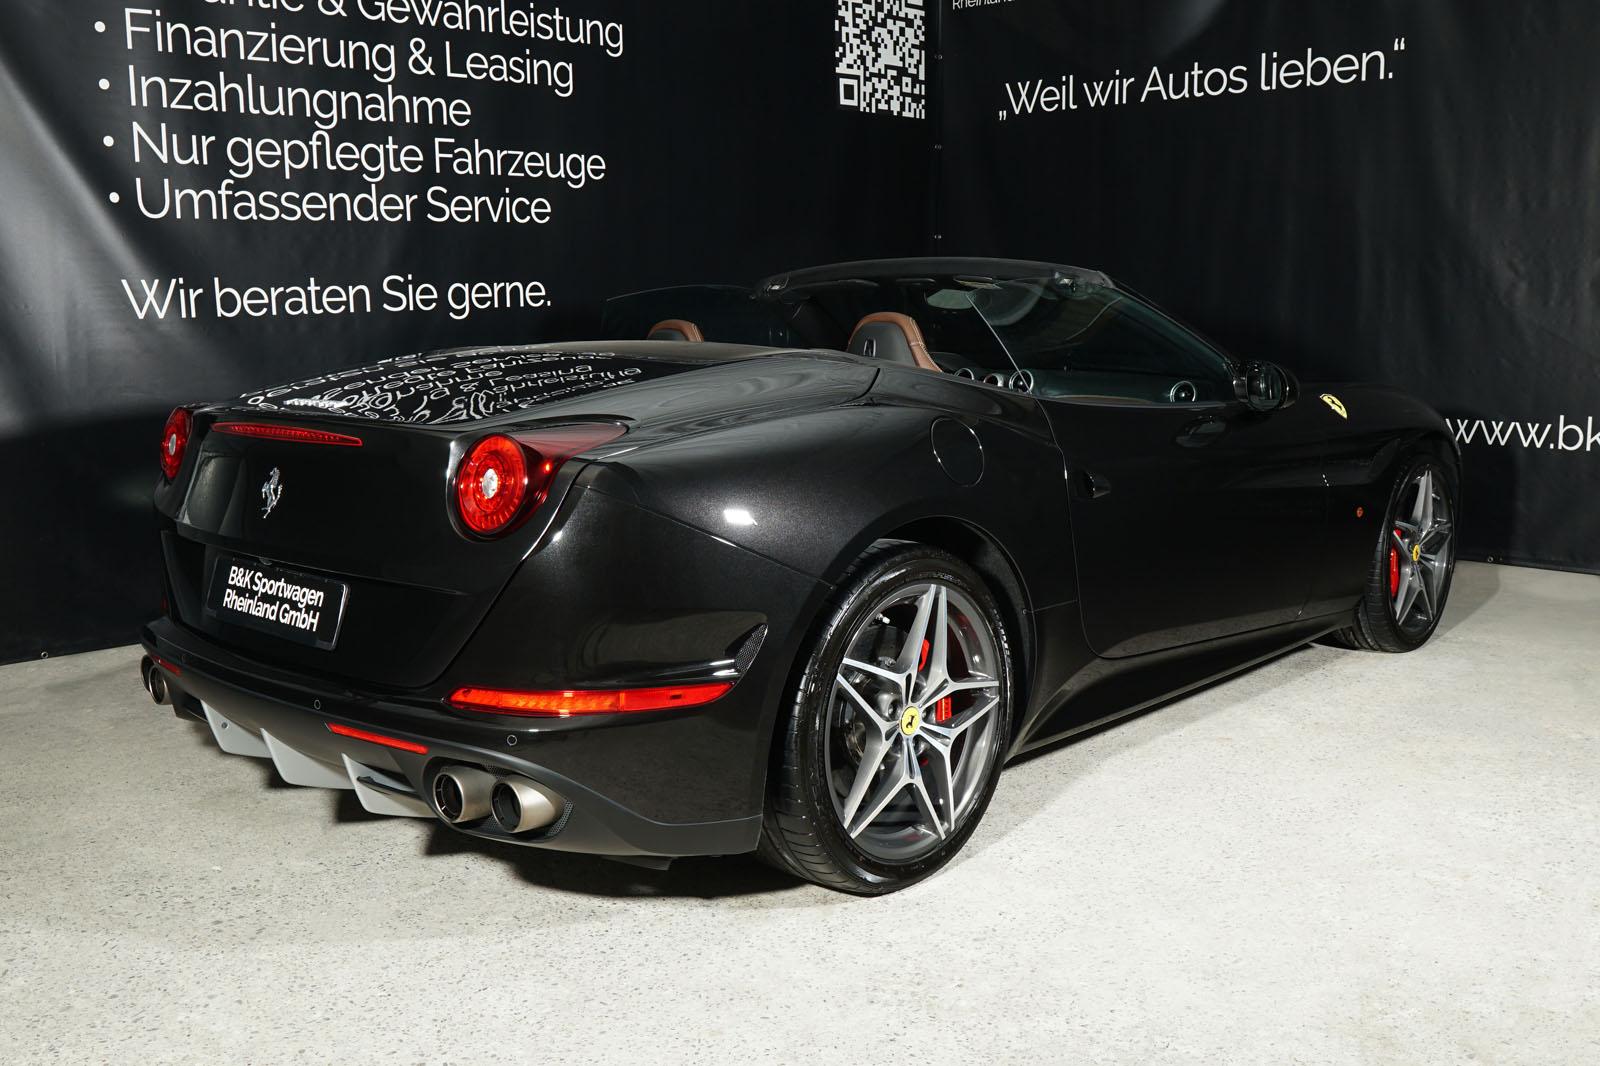 Ferrari_California_T_Schwarz_Braun_FER-9114_14_w